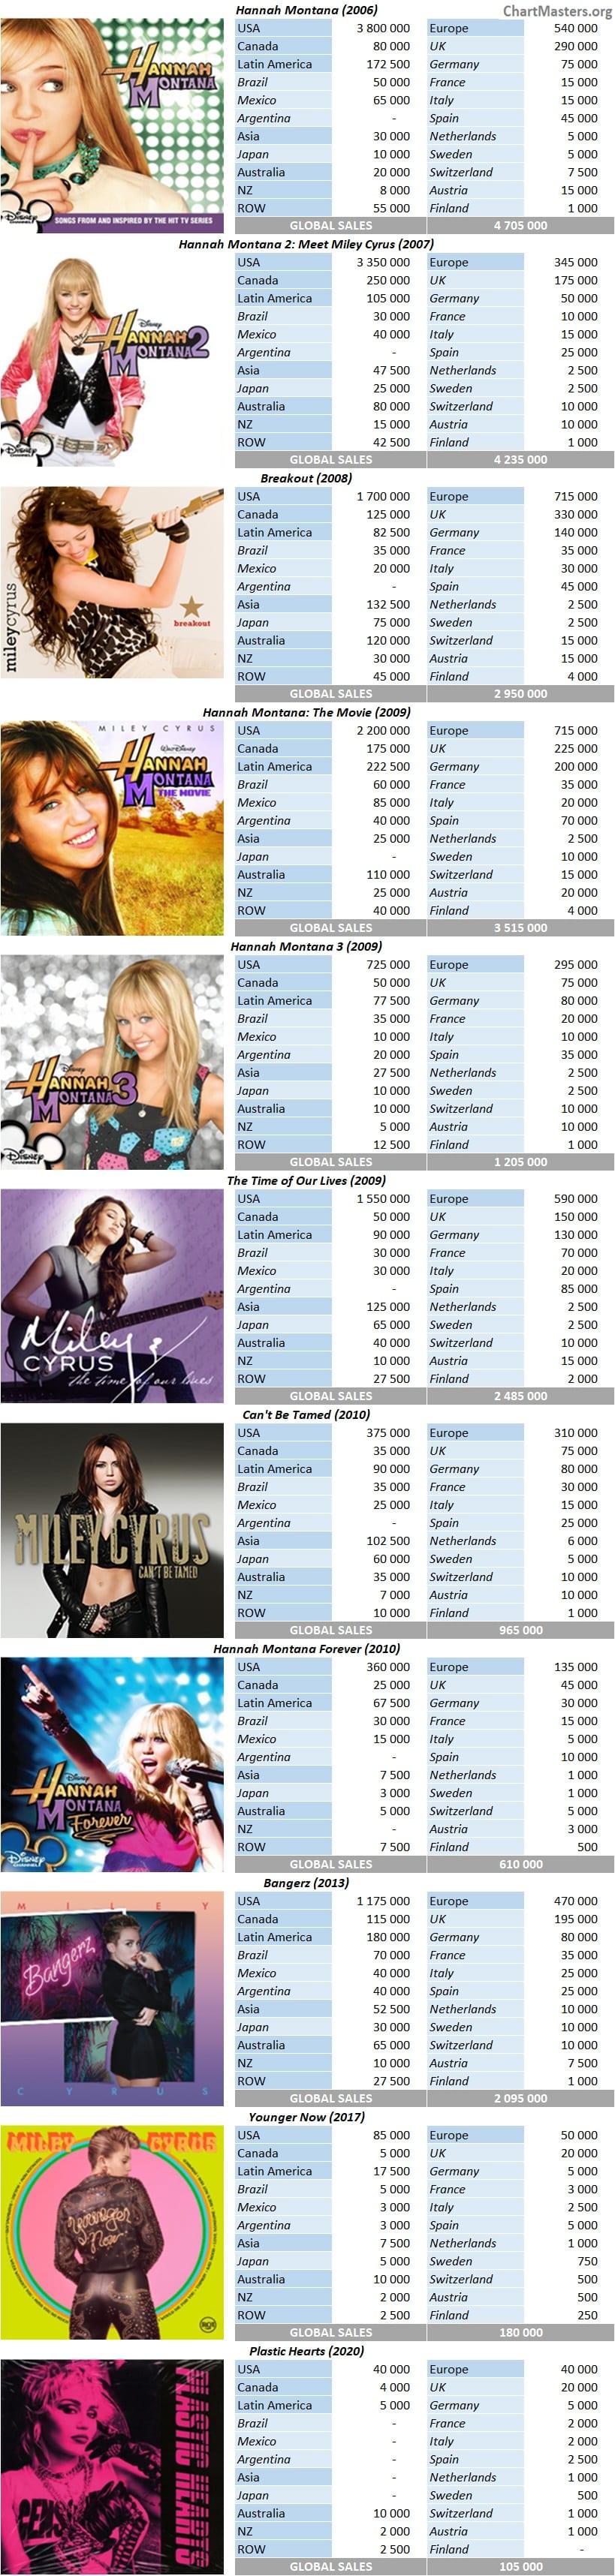 CSPC Miley Cyrus Albums sales breakdowns